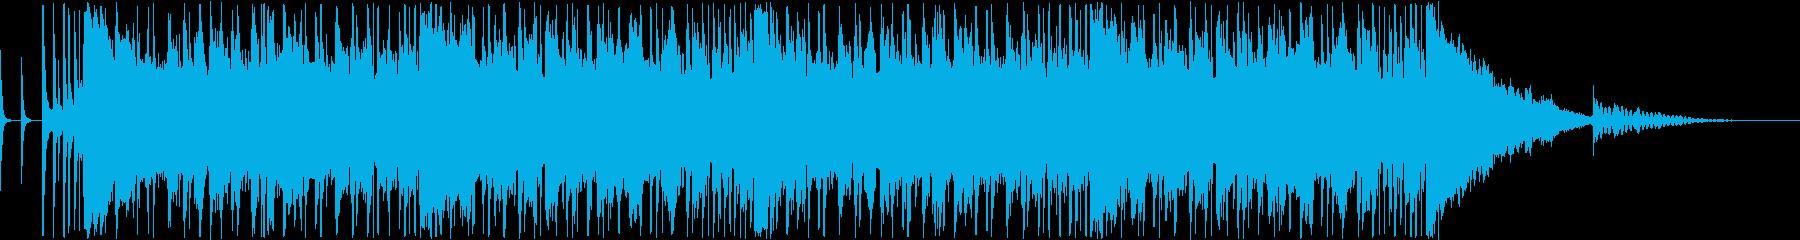 ダーク&パワフル。ラップ×バンドサウンドの再生済みの波形